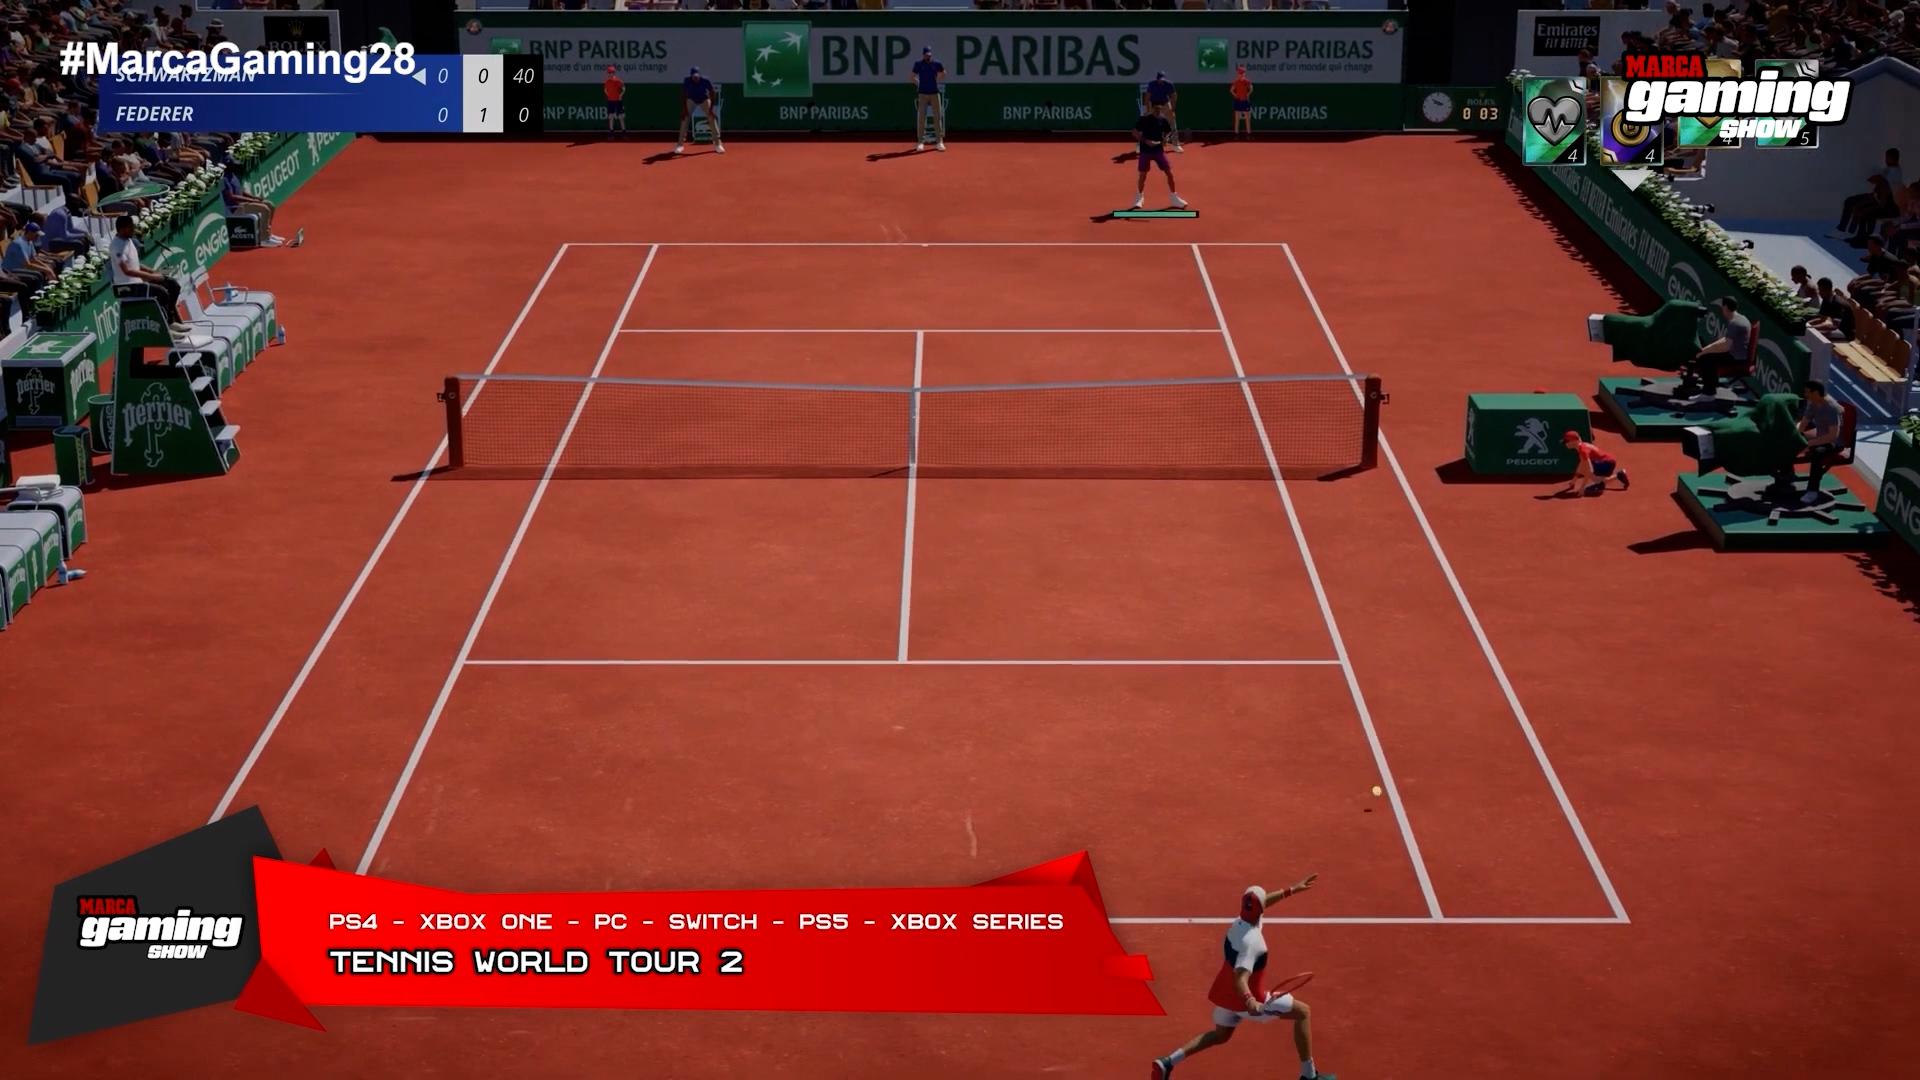 Tennis World Tour 2 (PS5, Xbox Series)